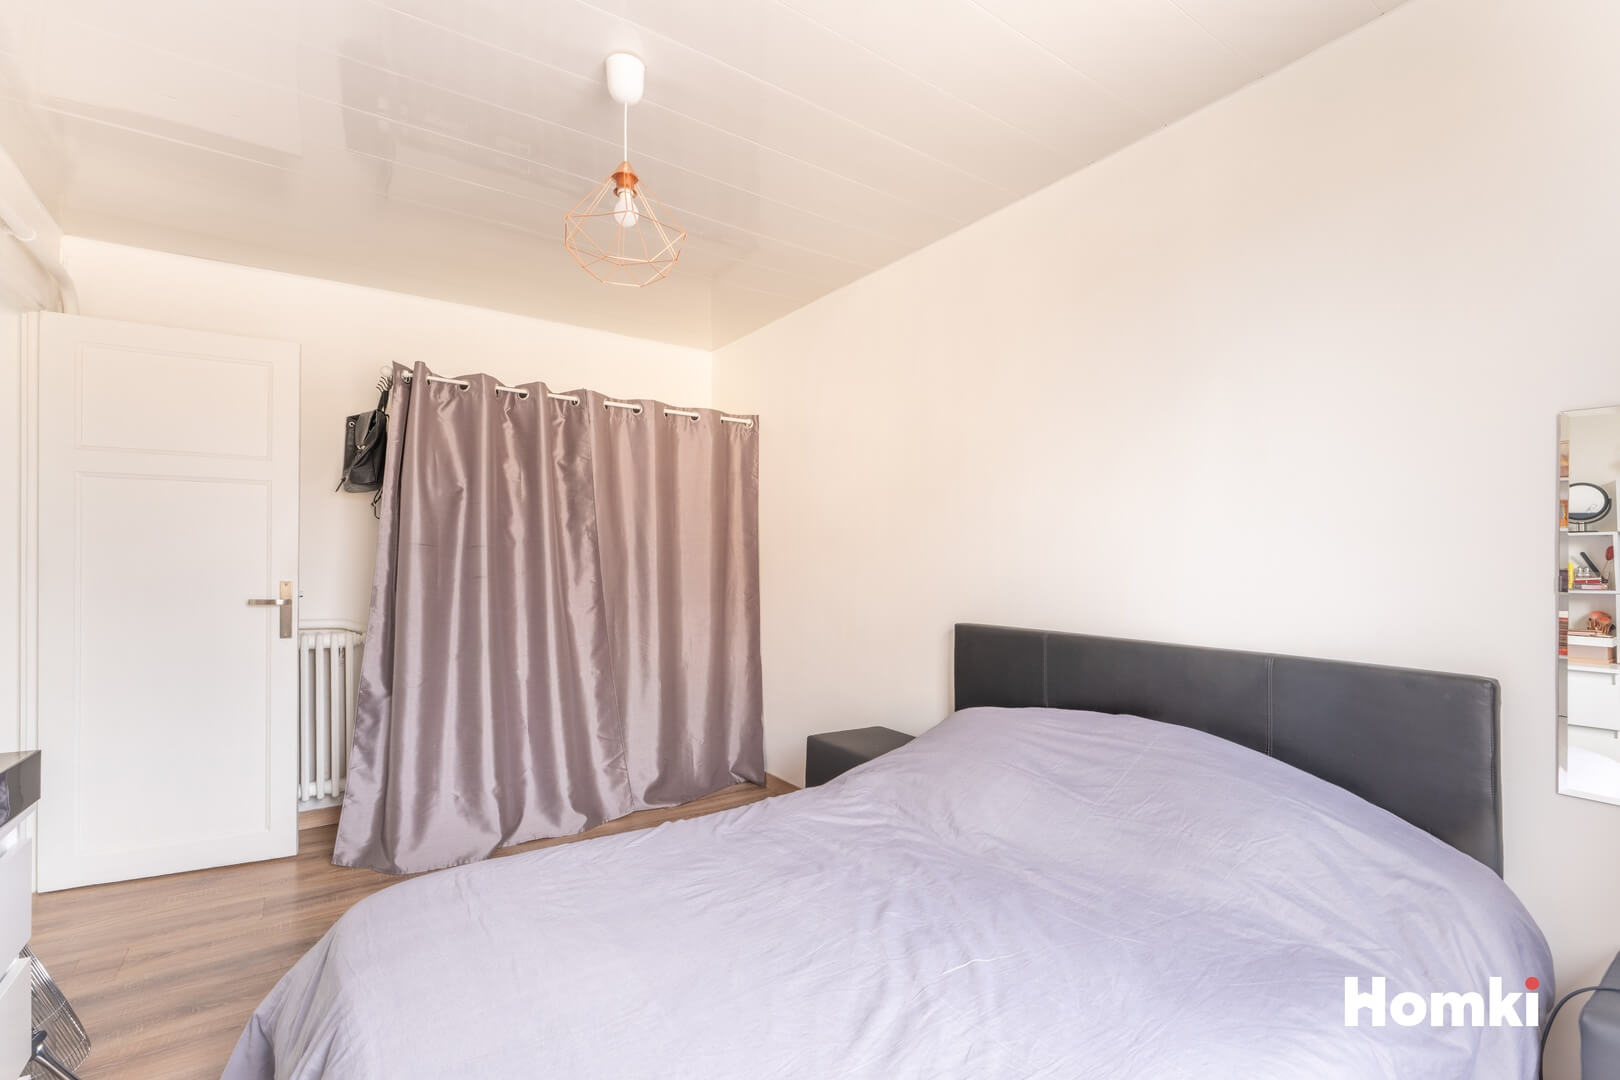 Homki - Vente Appartement  de 68.0 m² à Marseille 13014